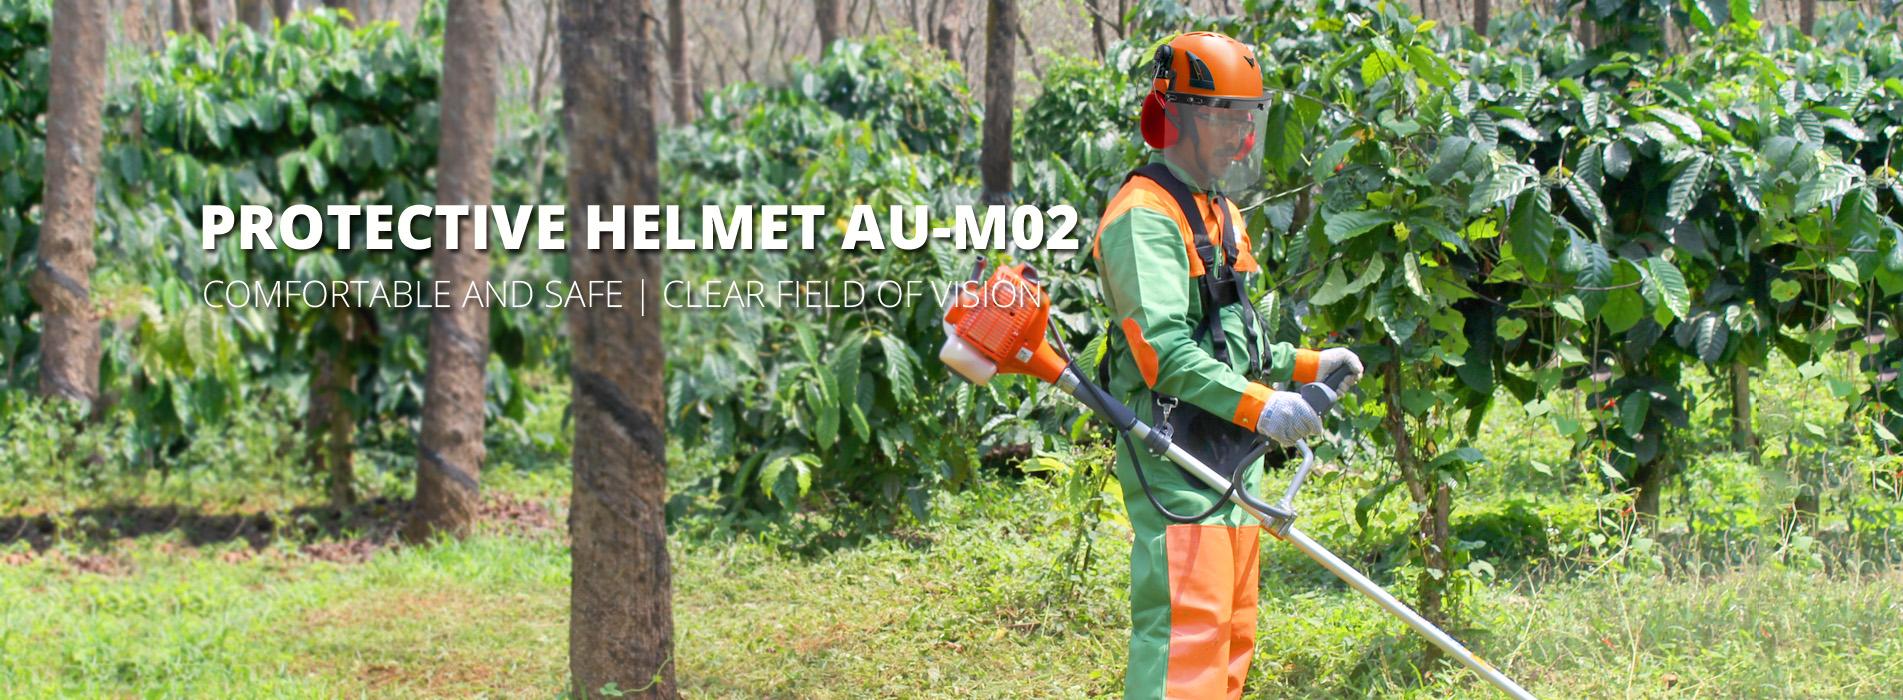 protective helmet banner